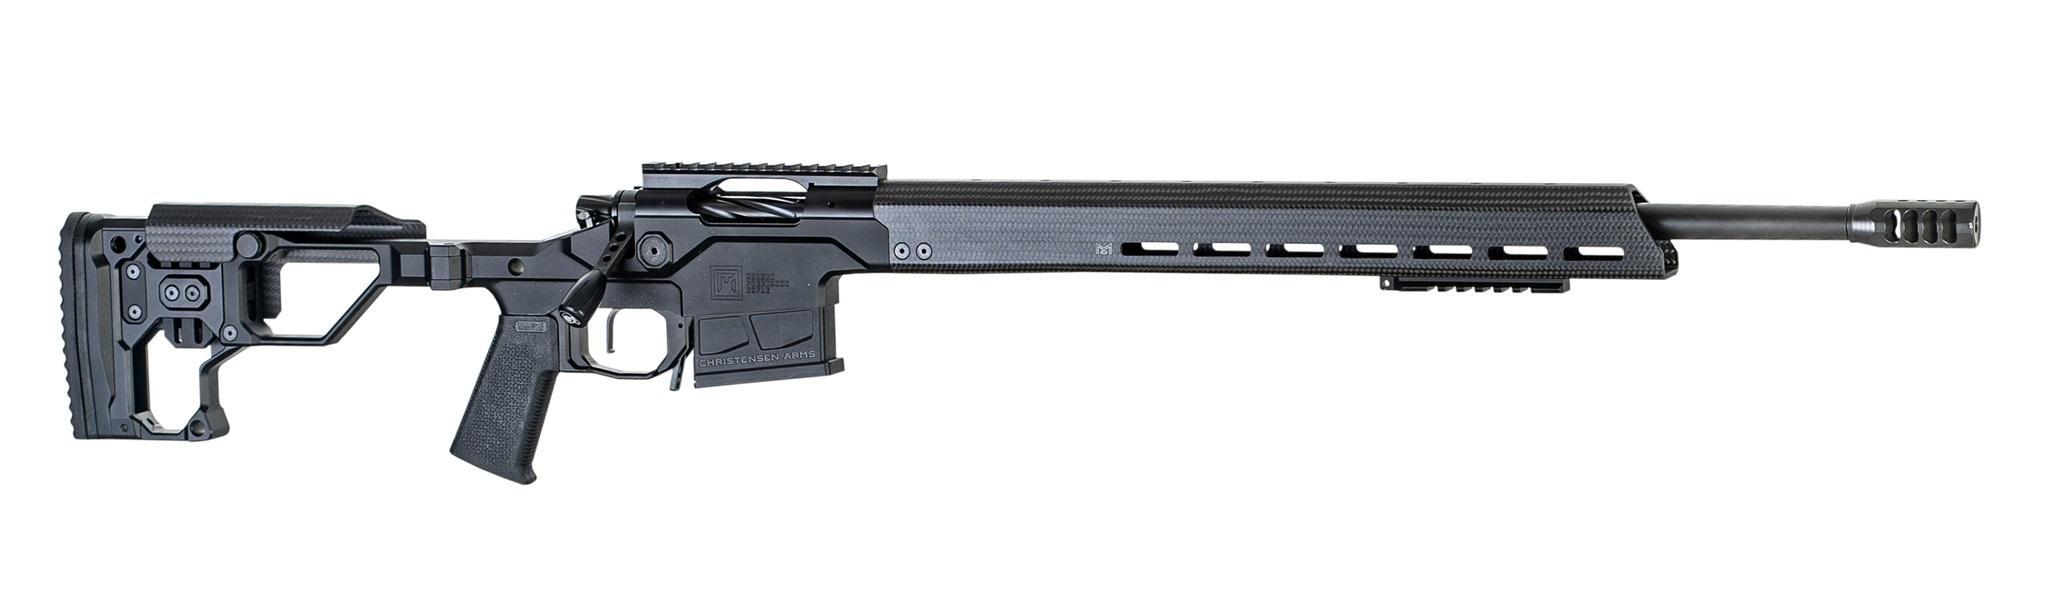 MPR STEEL 300WIN BLACK 26 - 801-03029-00